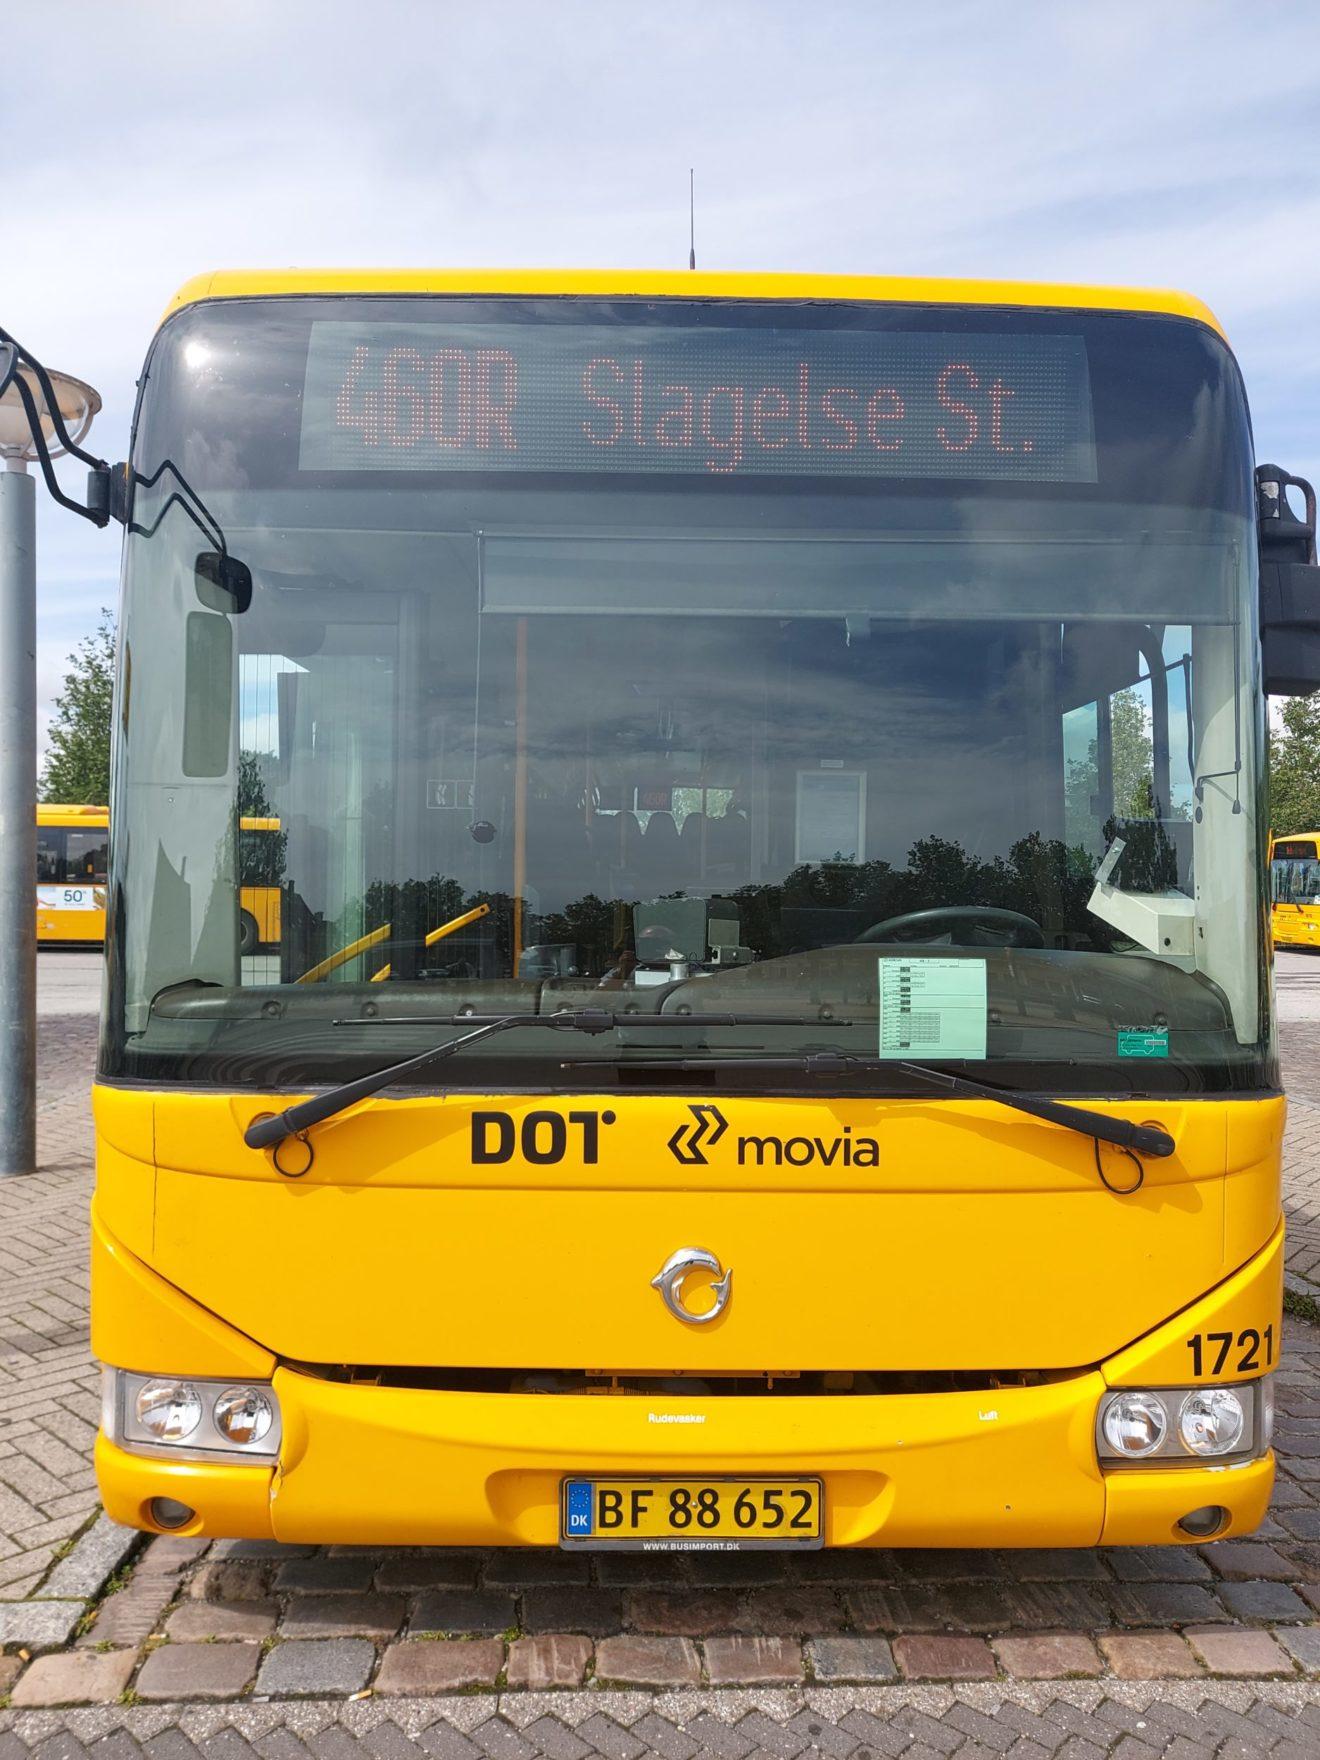 Ambitiøst forsøg skal øge antallet af passagerer i den kollektive transport